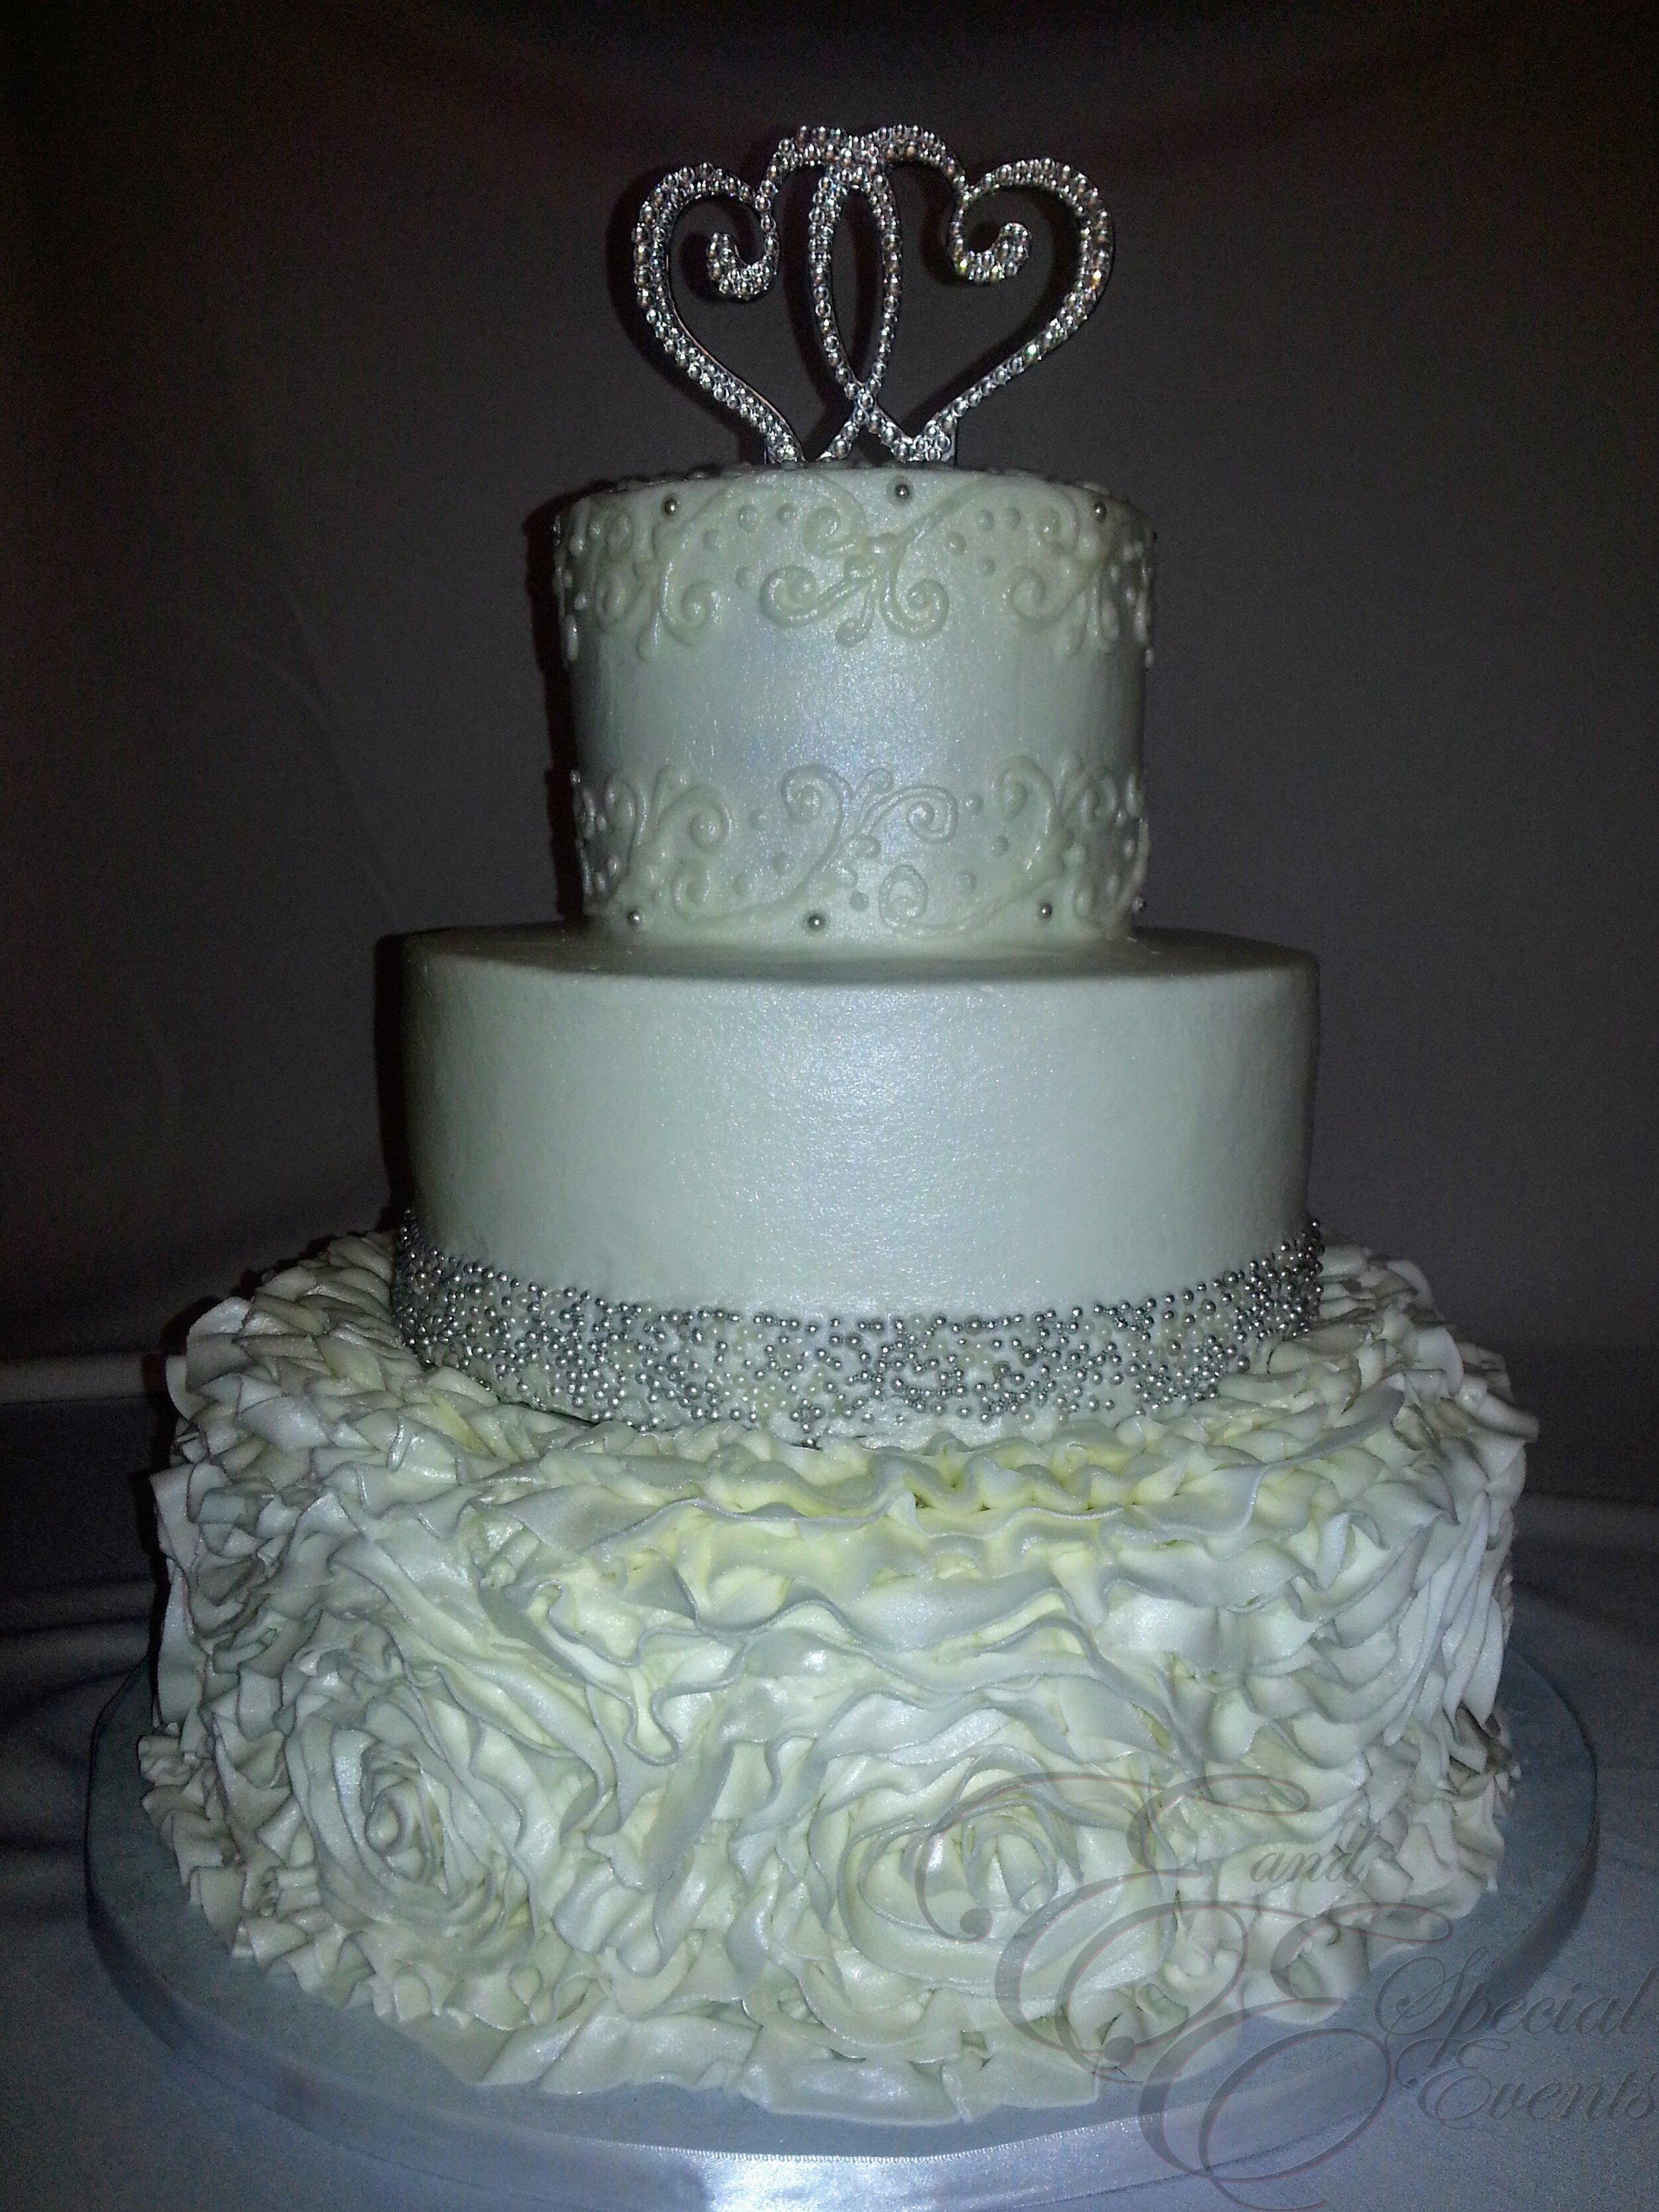 wedding_cakes_E_and_E_Special_Events_virginia_beach_9.jpg